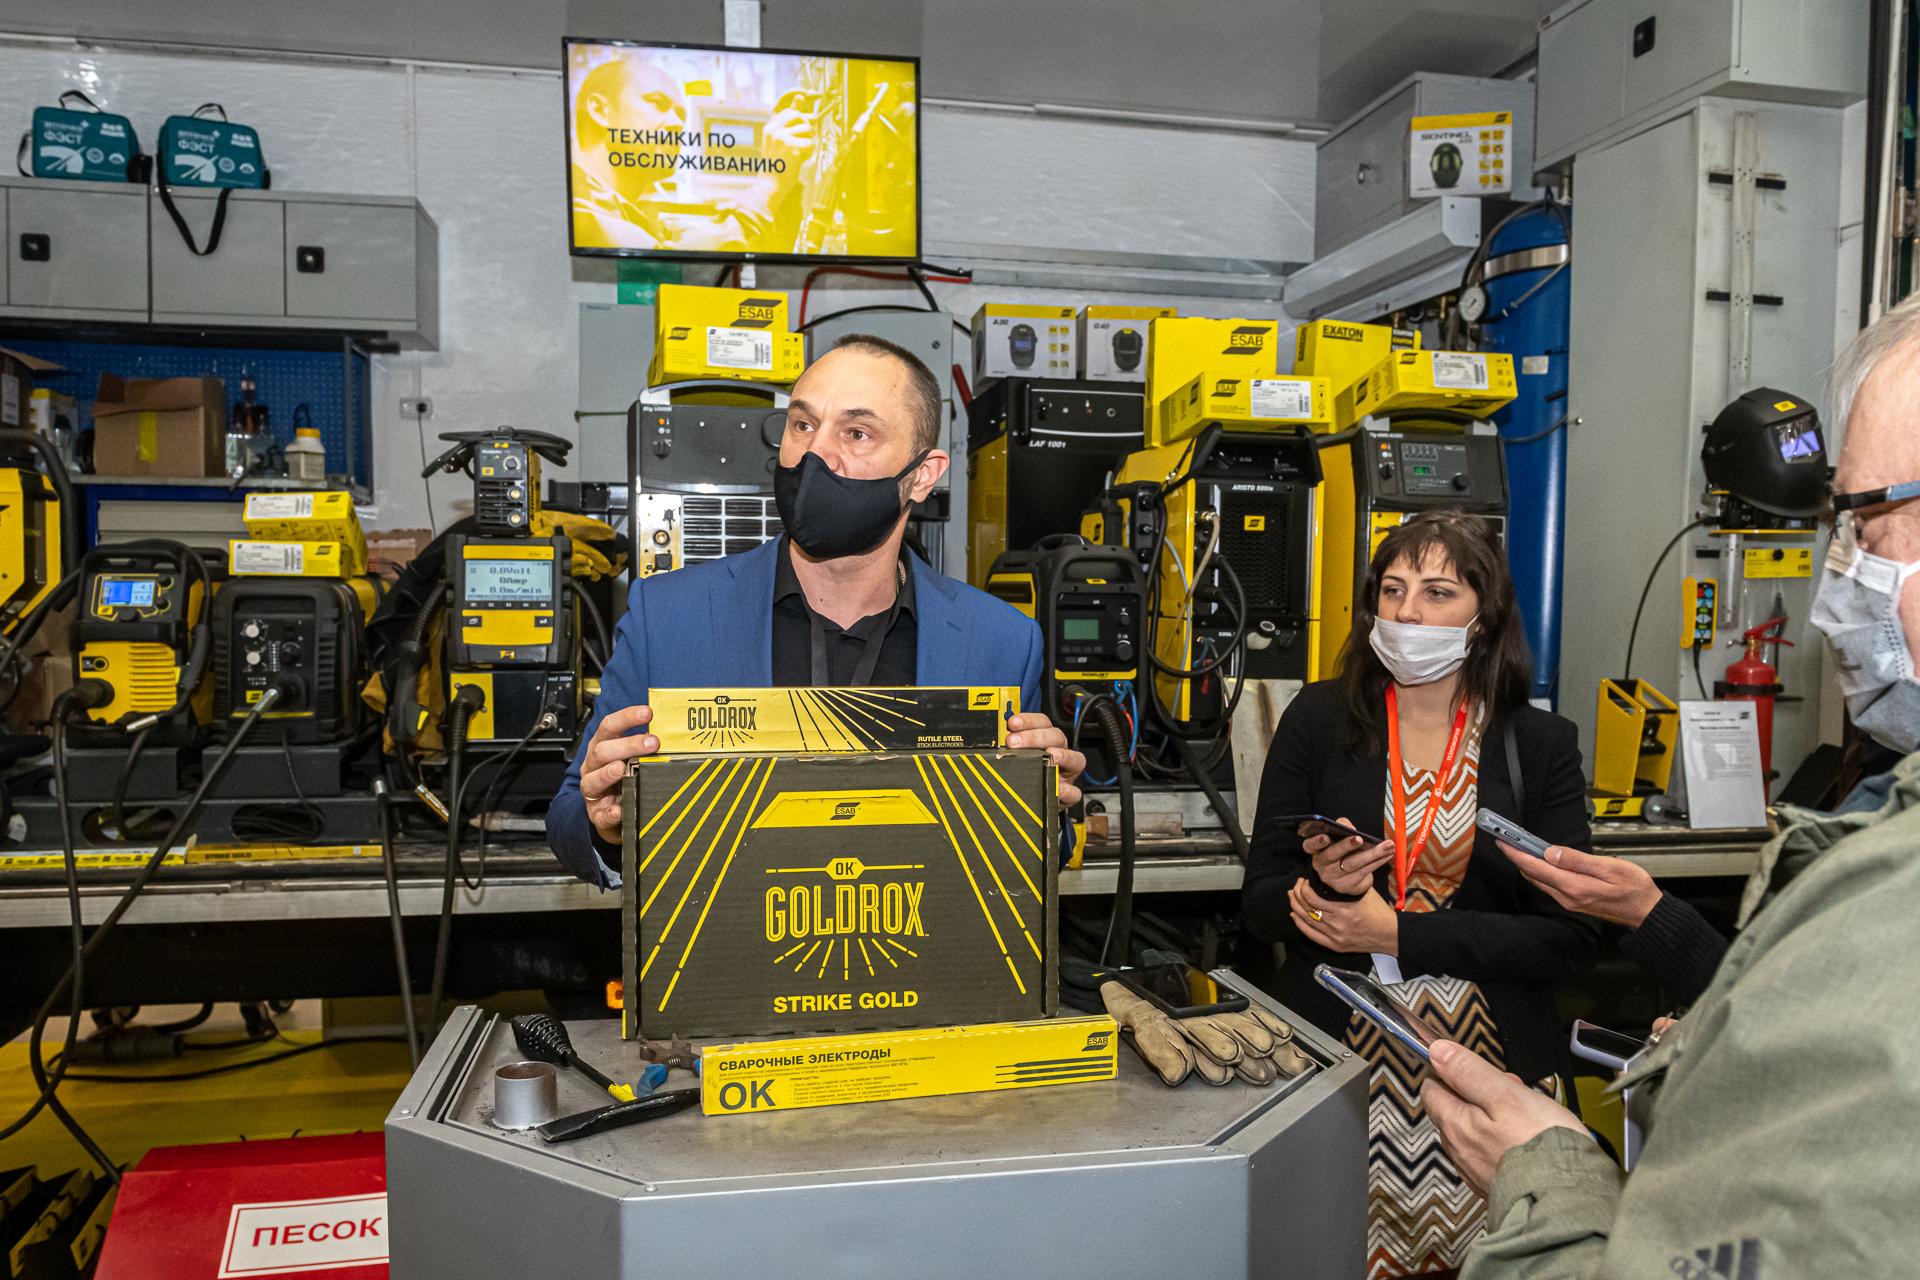 Впервые представлен золотой электрод от ESAB